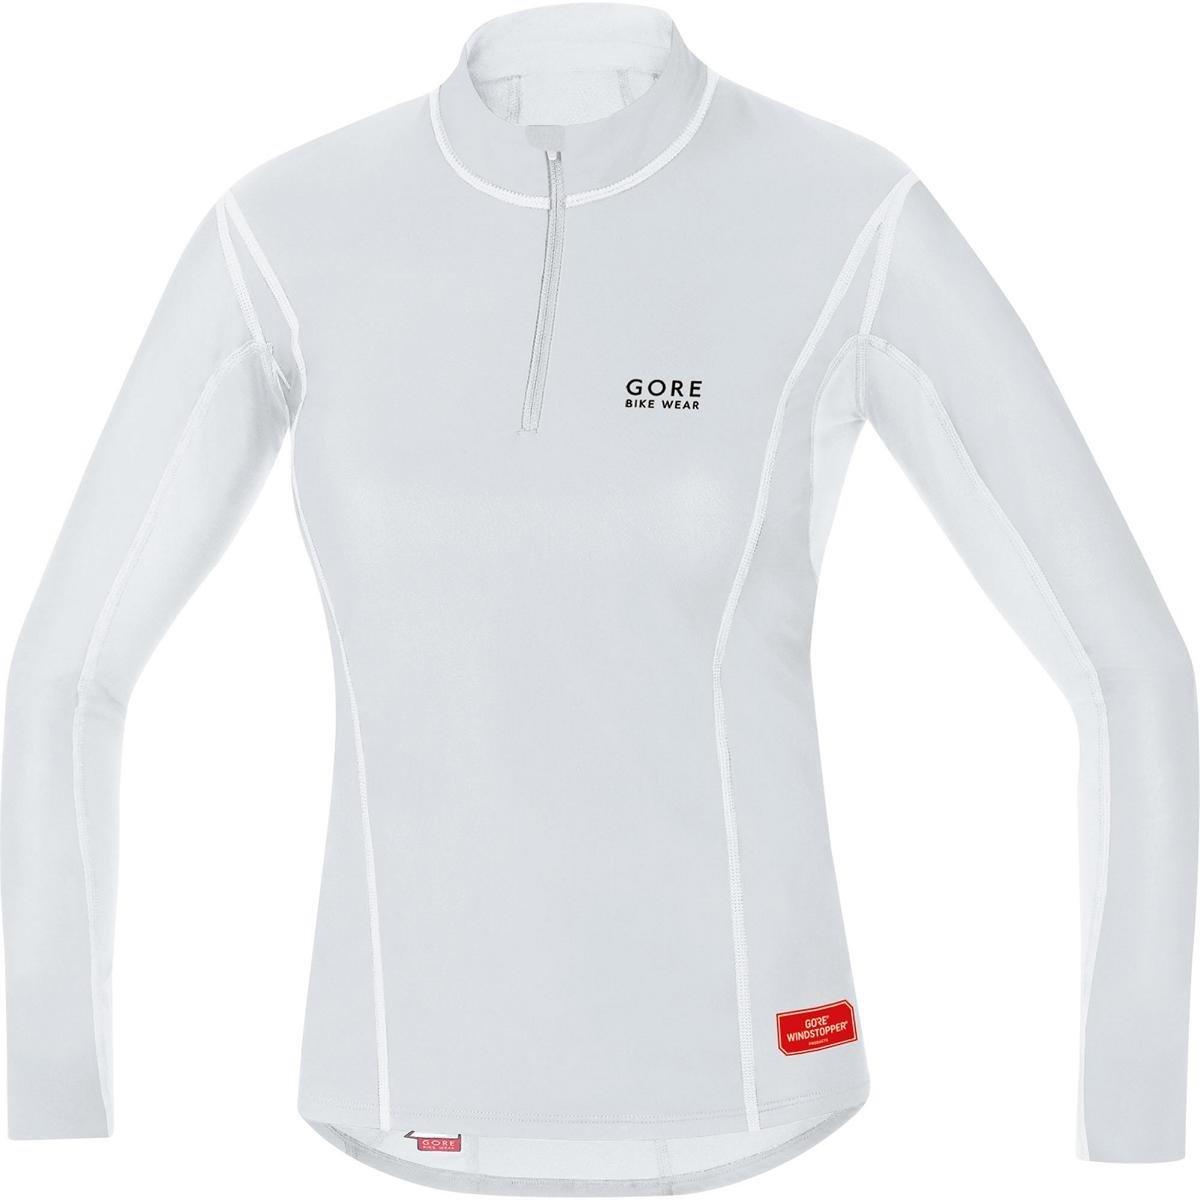 Gore Bike Wear Women's Windstopper  Base Layer Turtleneck Top, Light Grey/White, Large